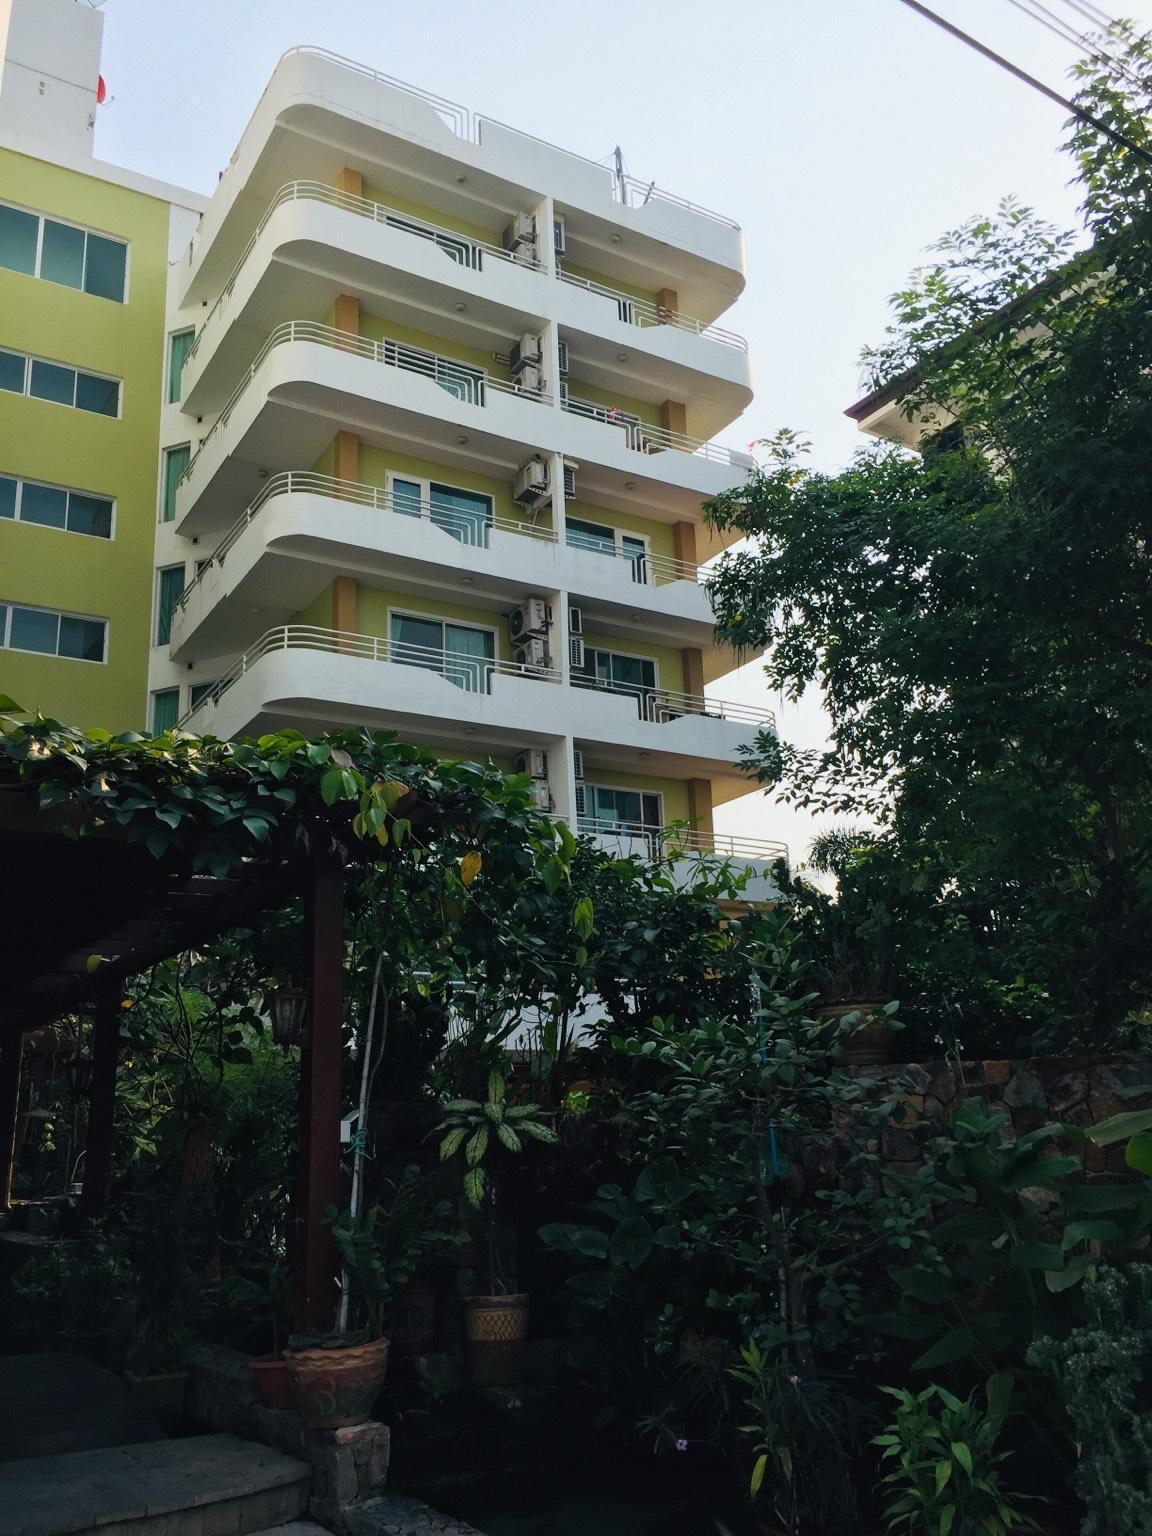 Jada Beach Residence อพาร์ตเมนต์ 1 ห้องนอน 1 ห้องน้ำส่วนตัว ขนาด 75 ตร.ม. – เทพประสิทธิ์